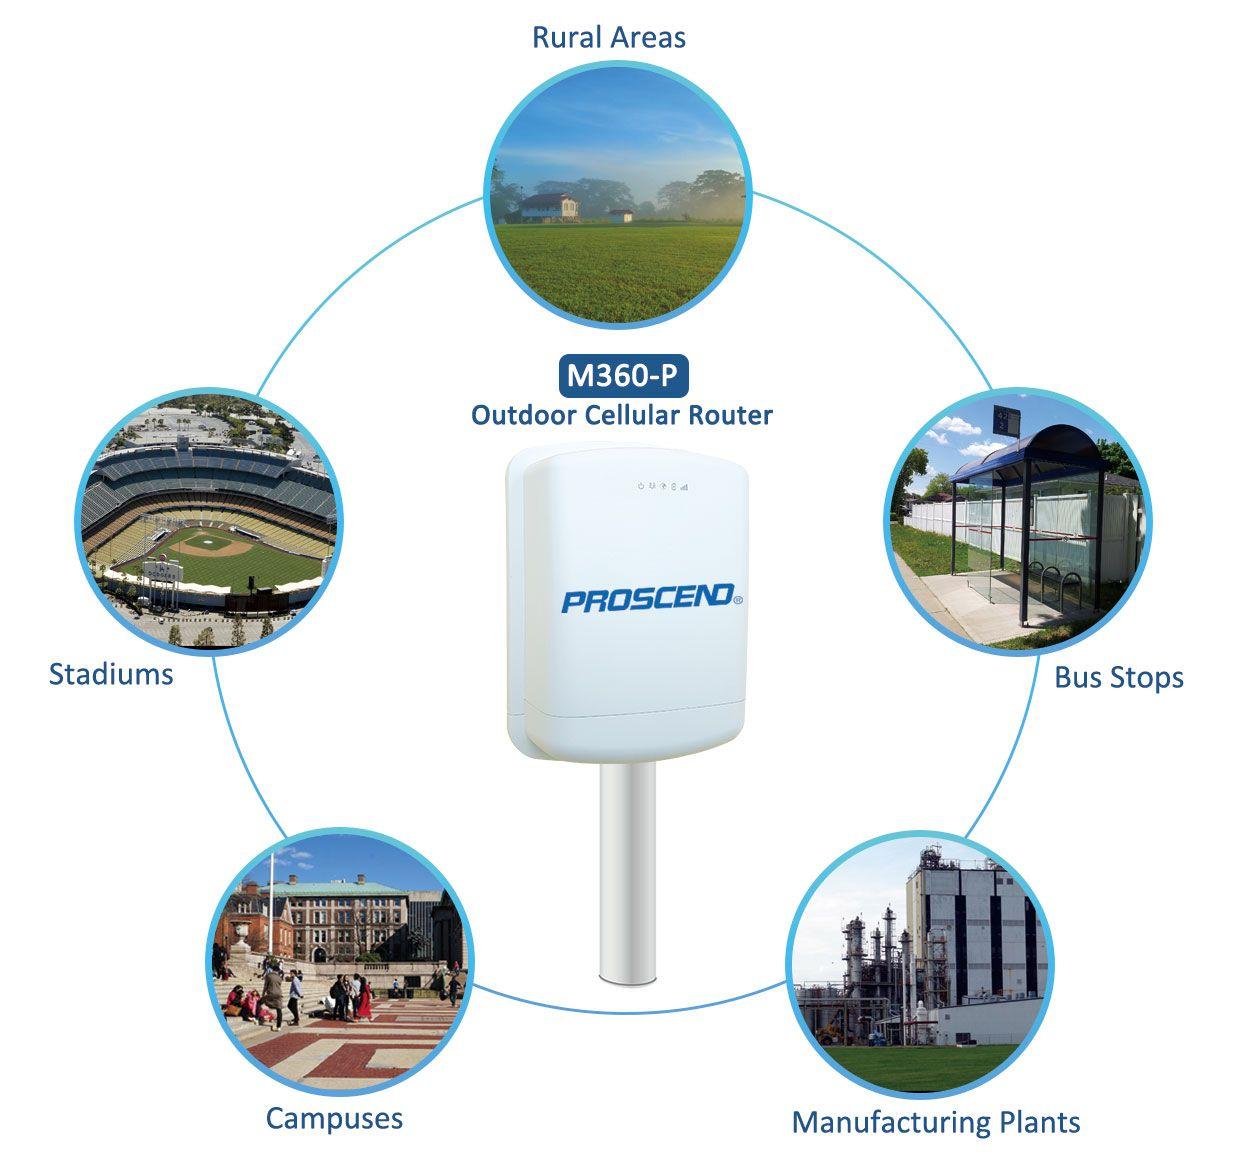 Outdoorový mobilný smerovač Proscend M360-P umožňuje pevné bezdrôtové pripojenie na rôznych vertikálnych trhoch.